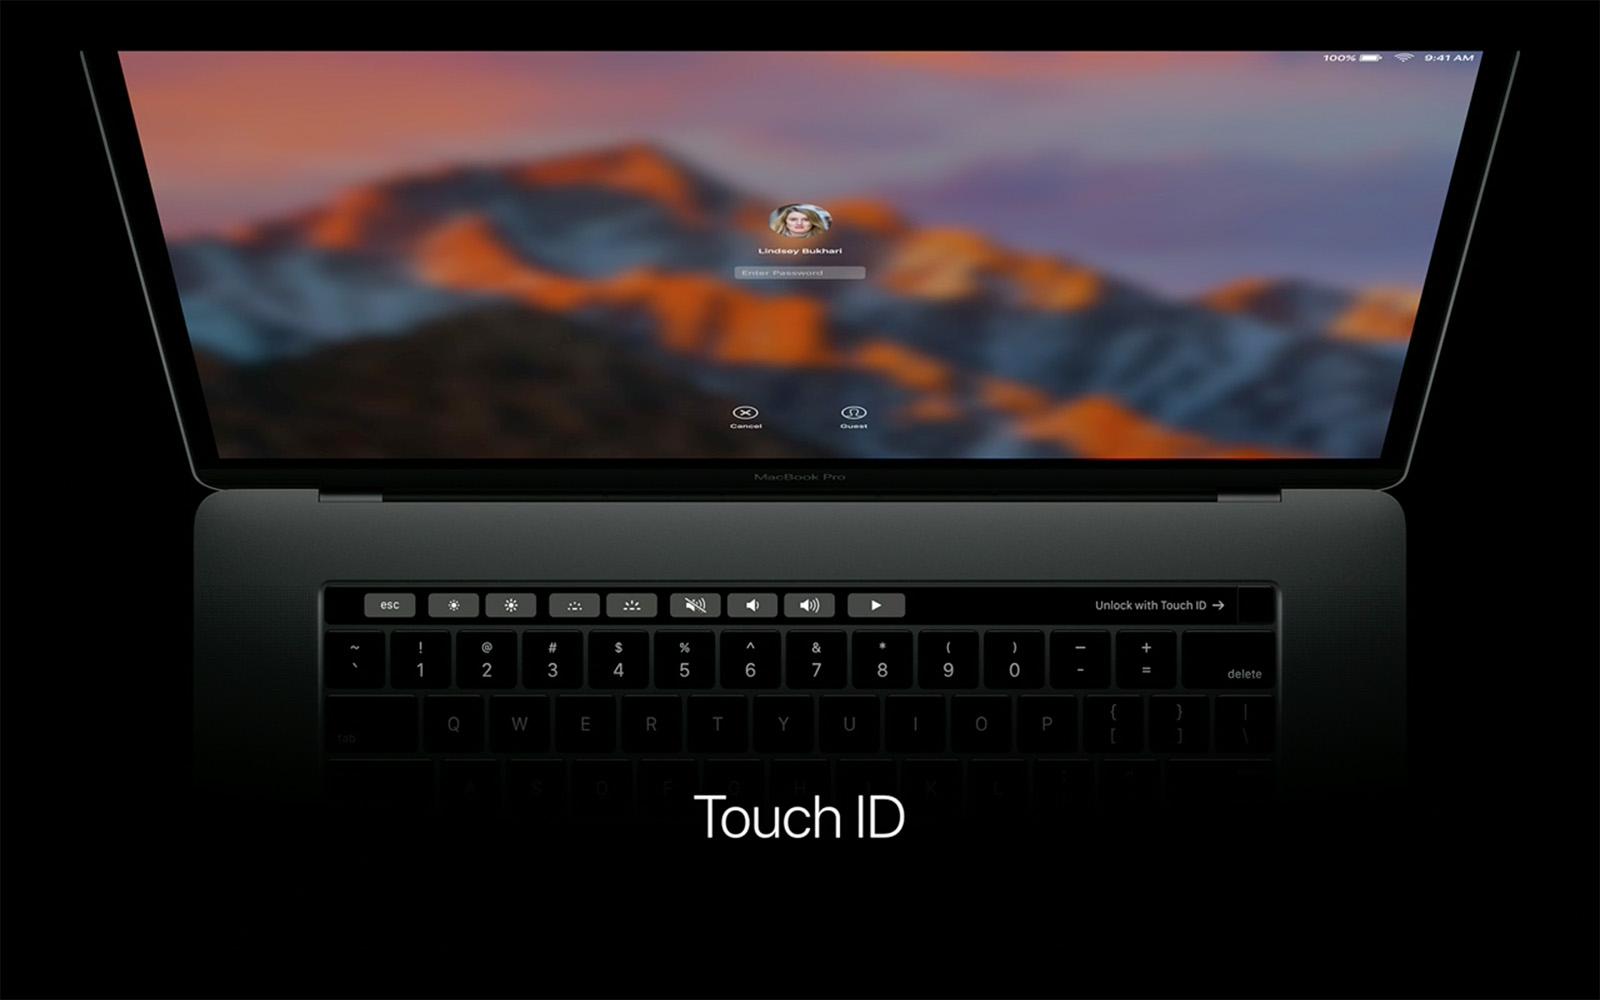 2016年 MacBook Pro Touch ID 指紋認証 ログイン画面